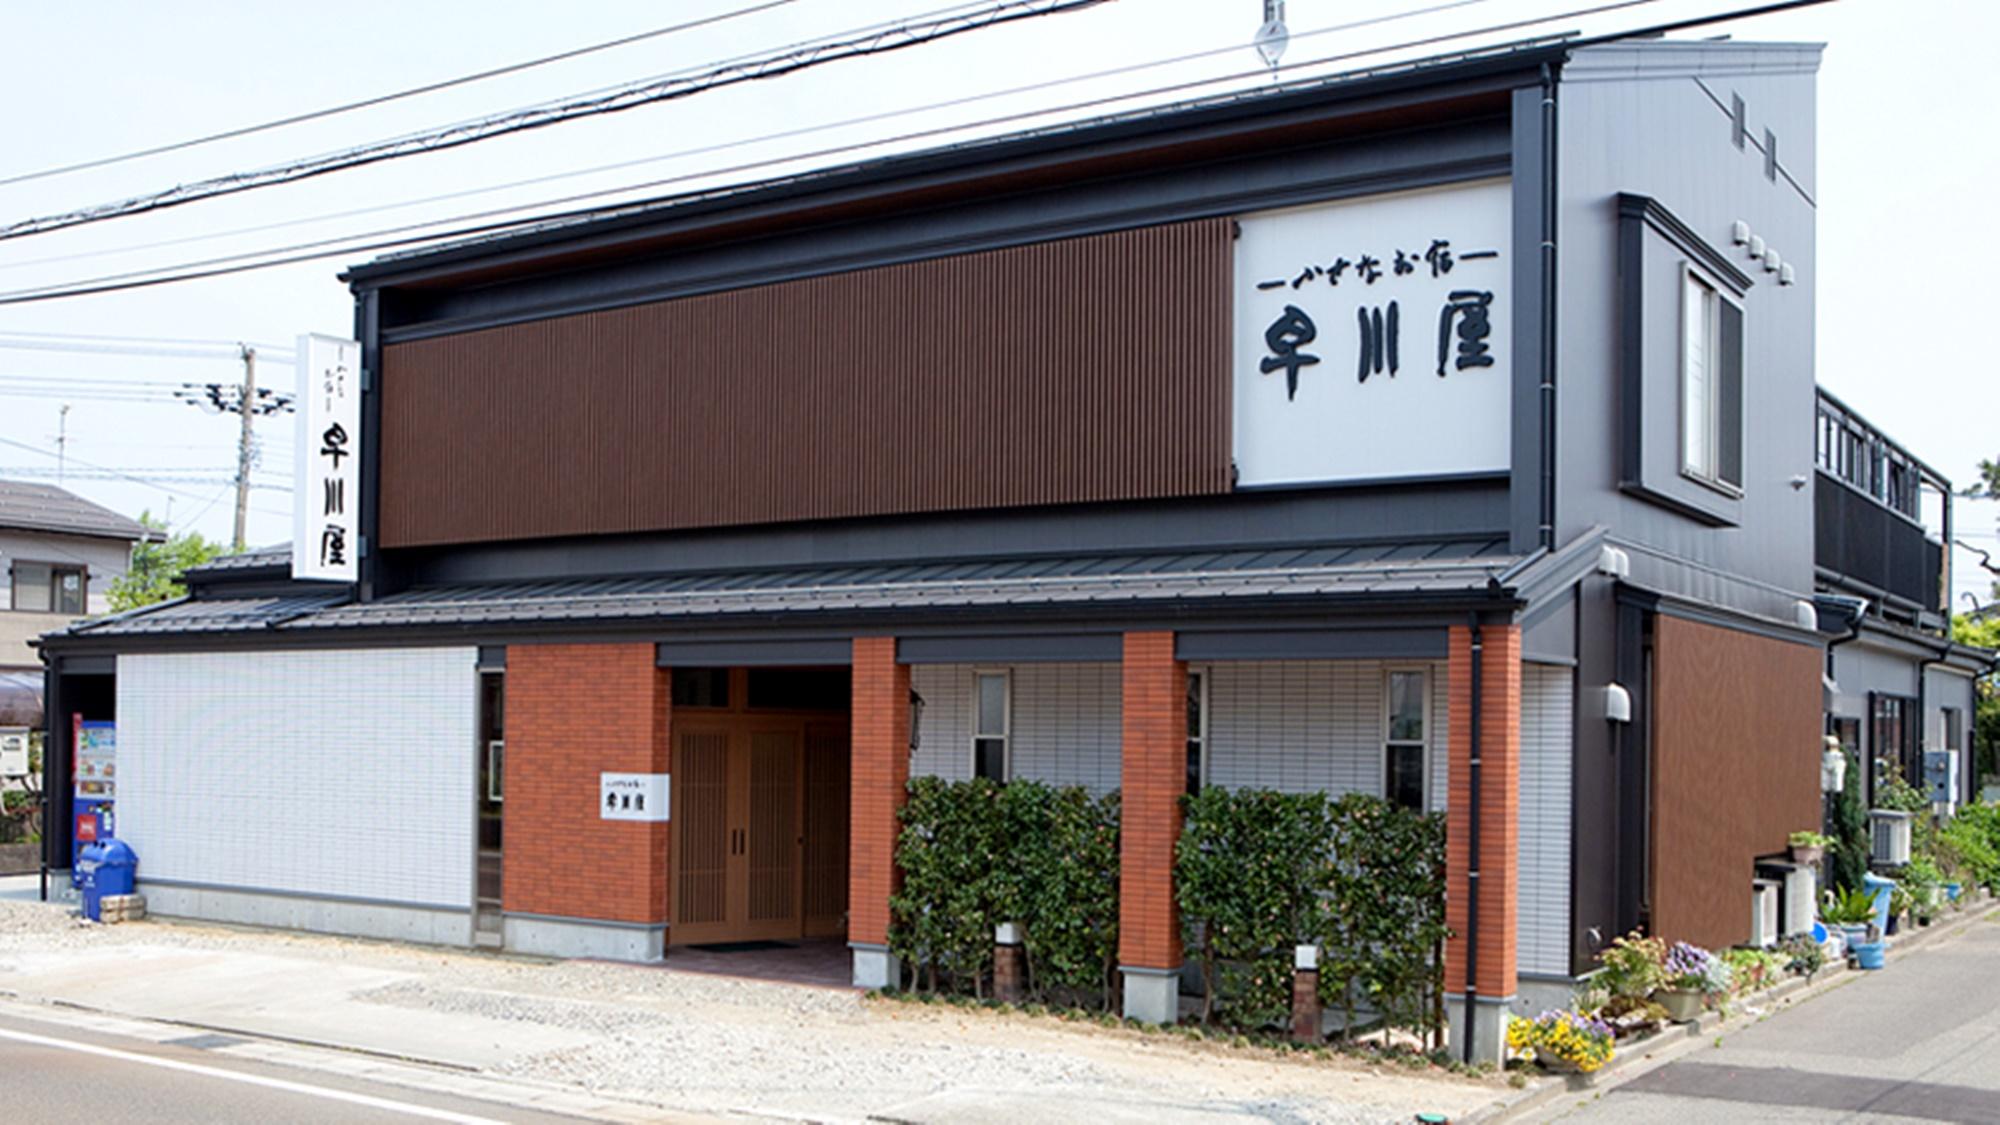 早川屋 旅館◆楽天トラベル